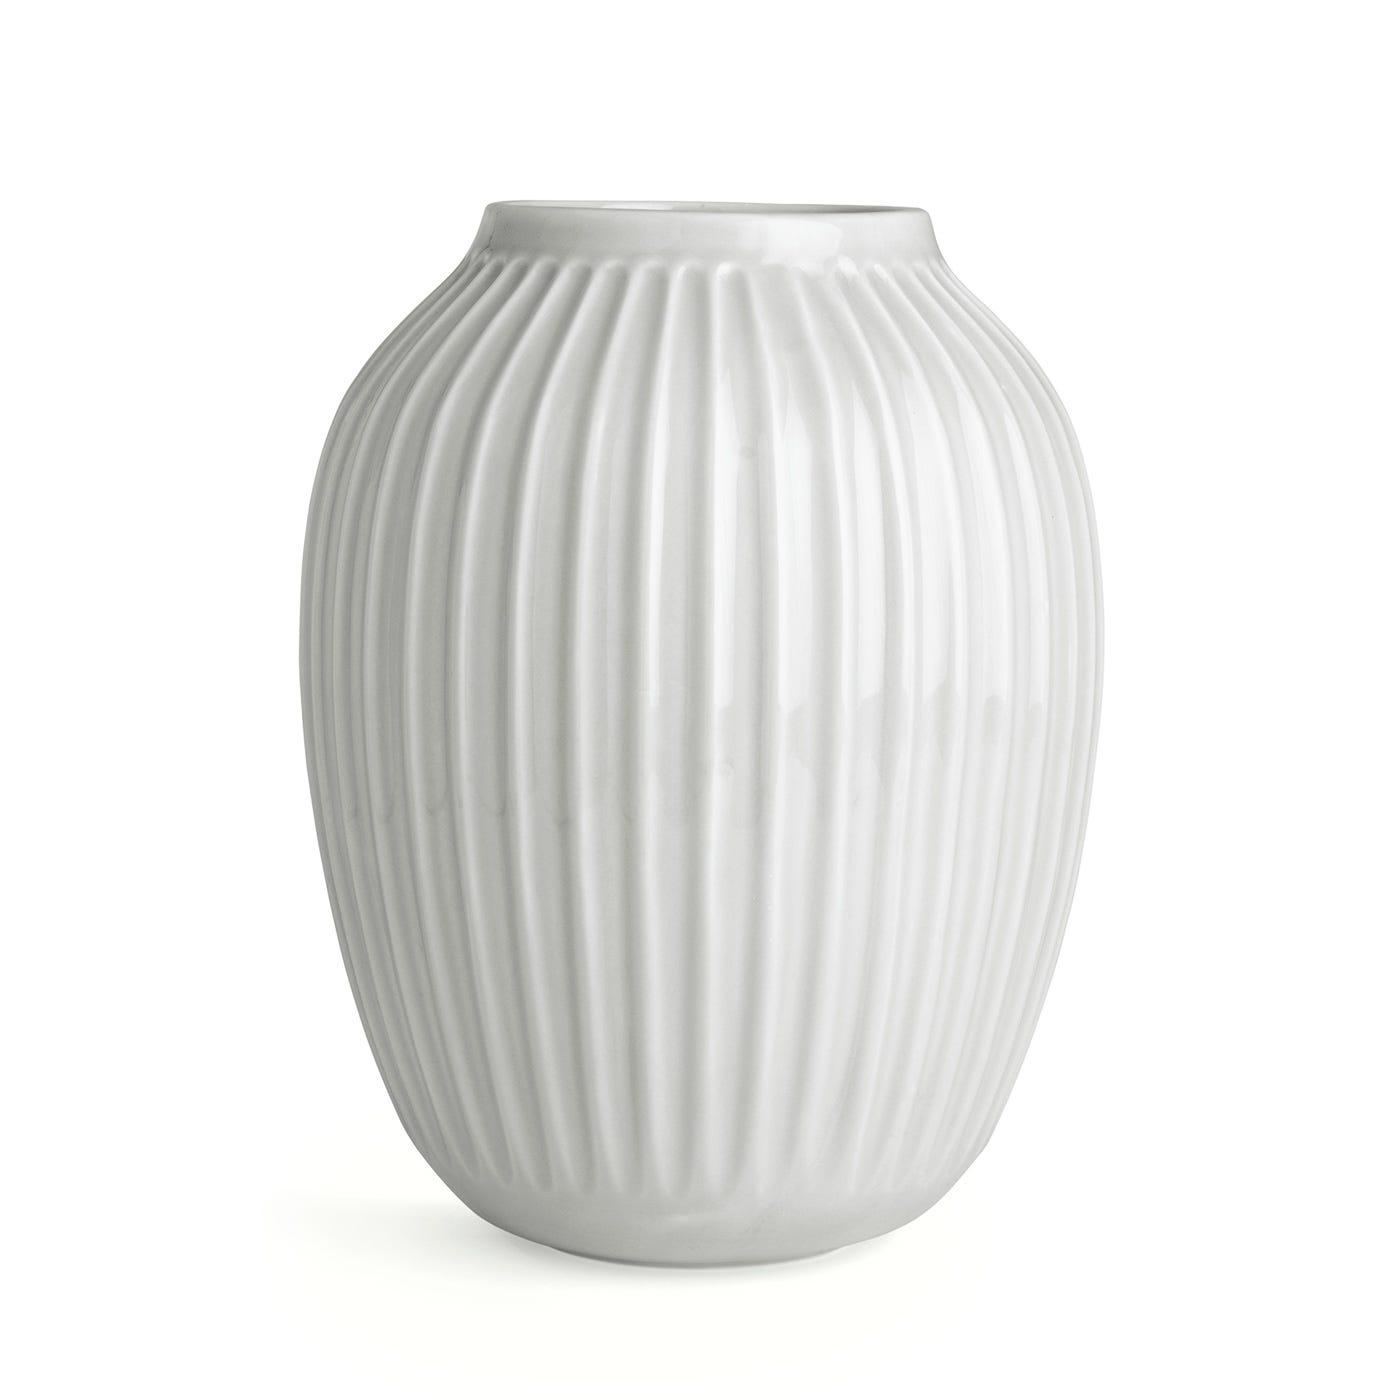 Kahler hammershoi ridged vase large white heals hammershoi ridged vase large white reviewsmspy